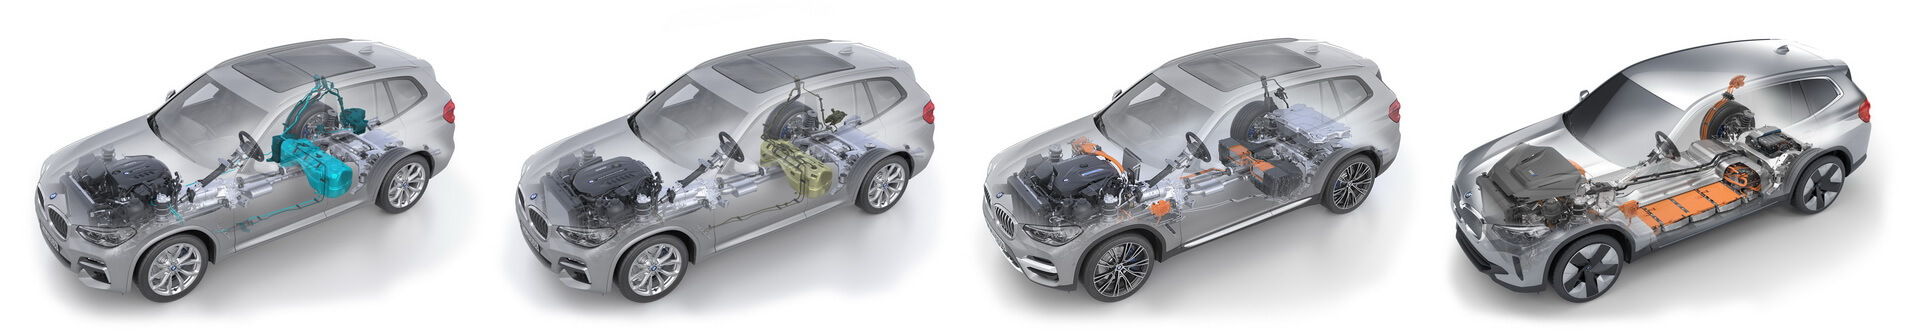 BMW X3является первой моделью, которая будет доступна со всеми видами приводов